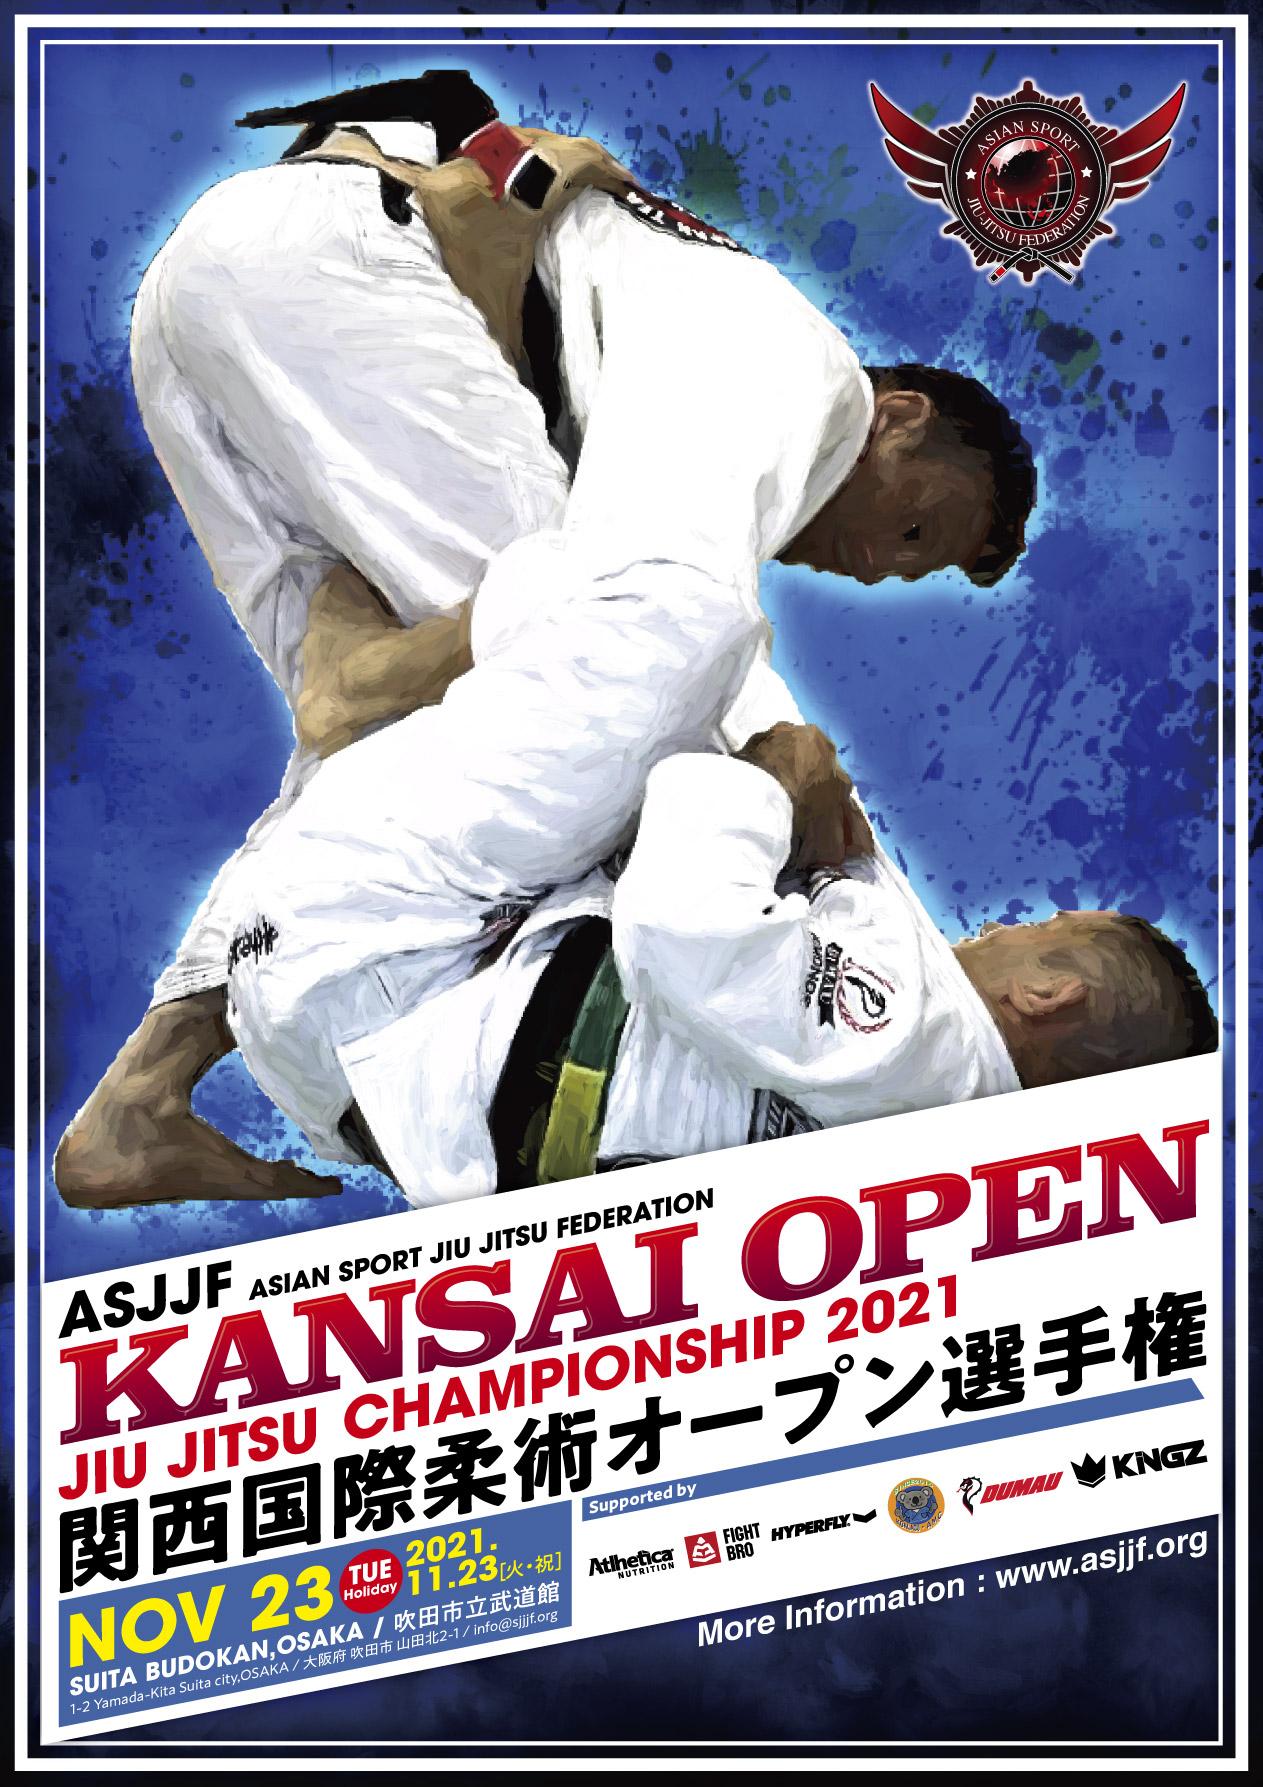 asjjf kansai masters jiu jitsu championship 2021